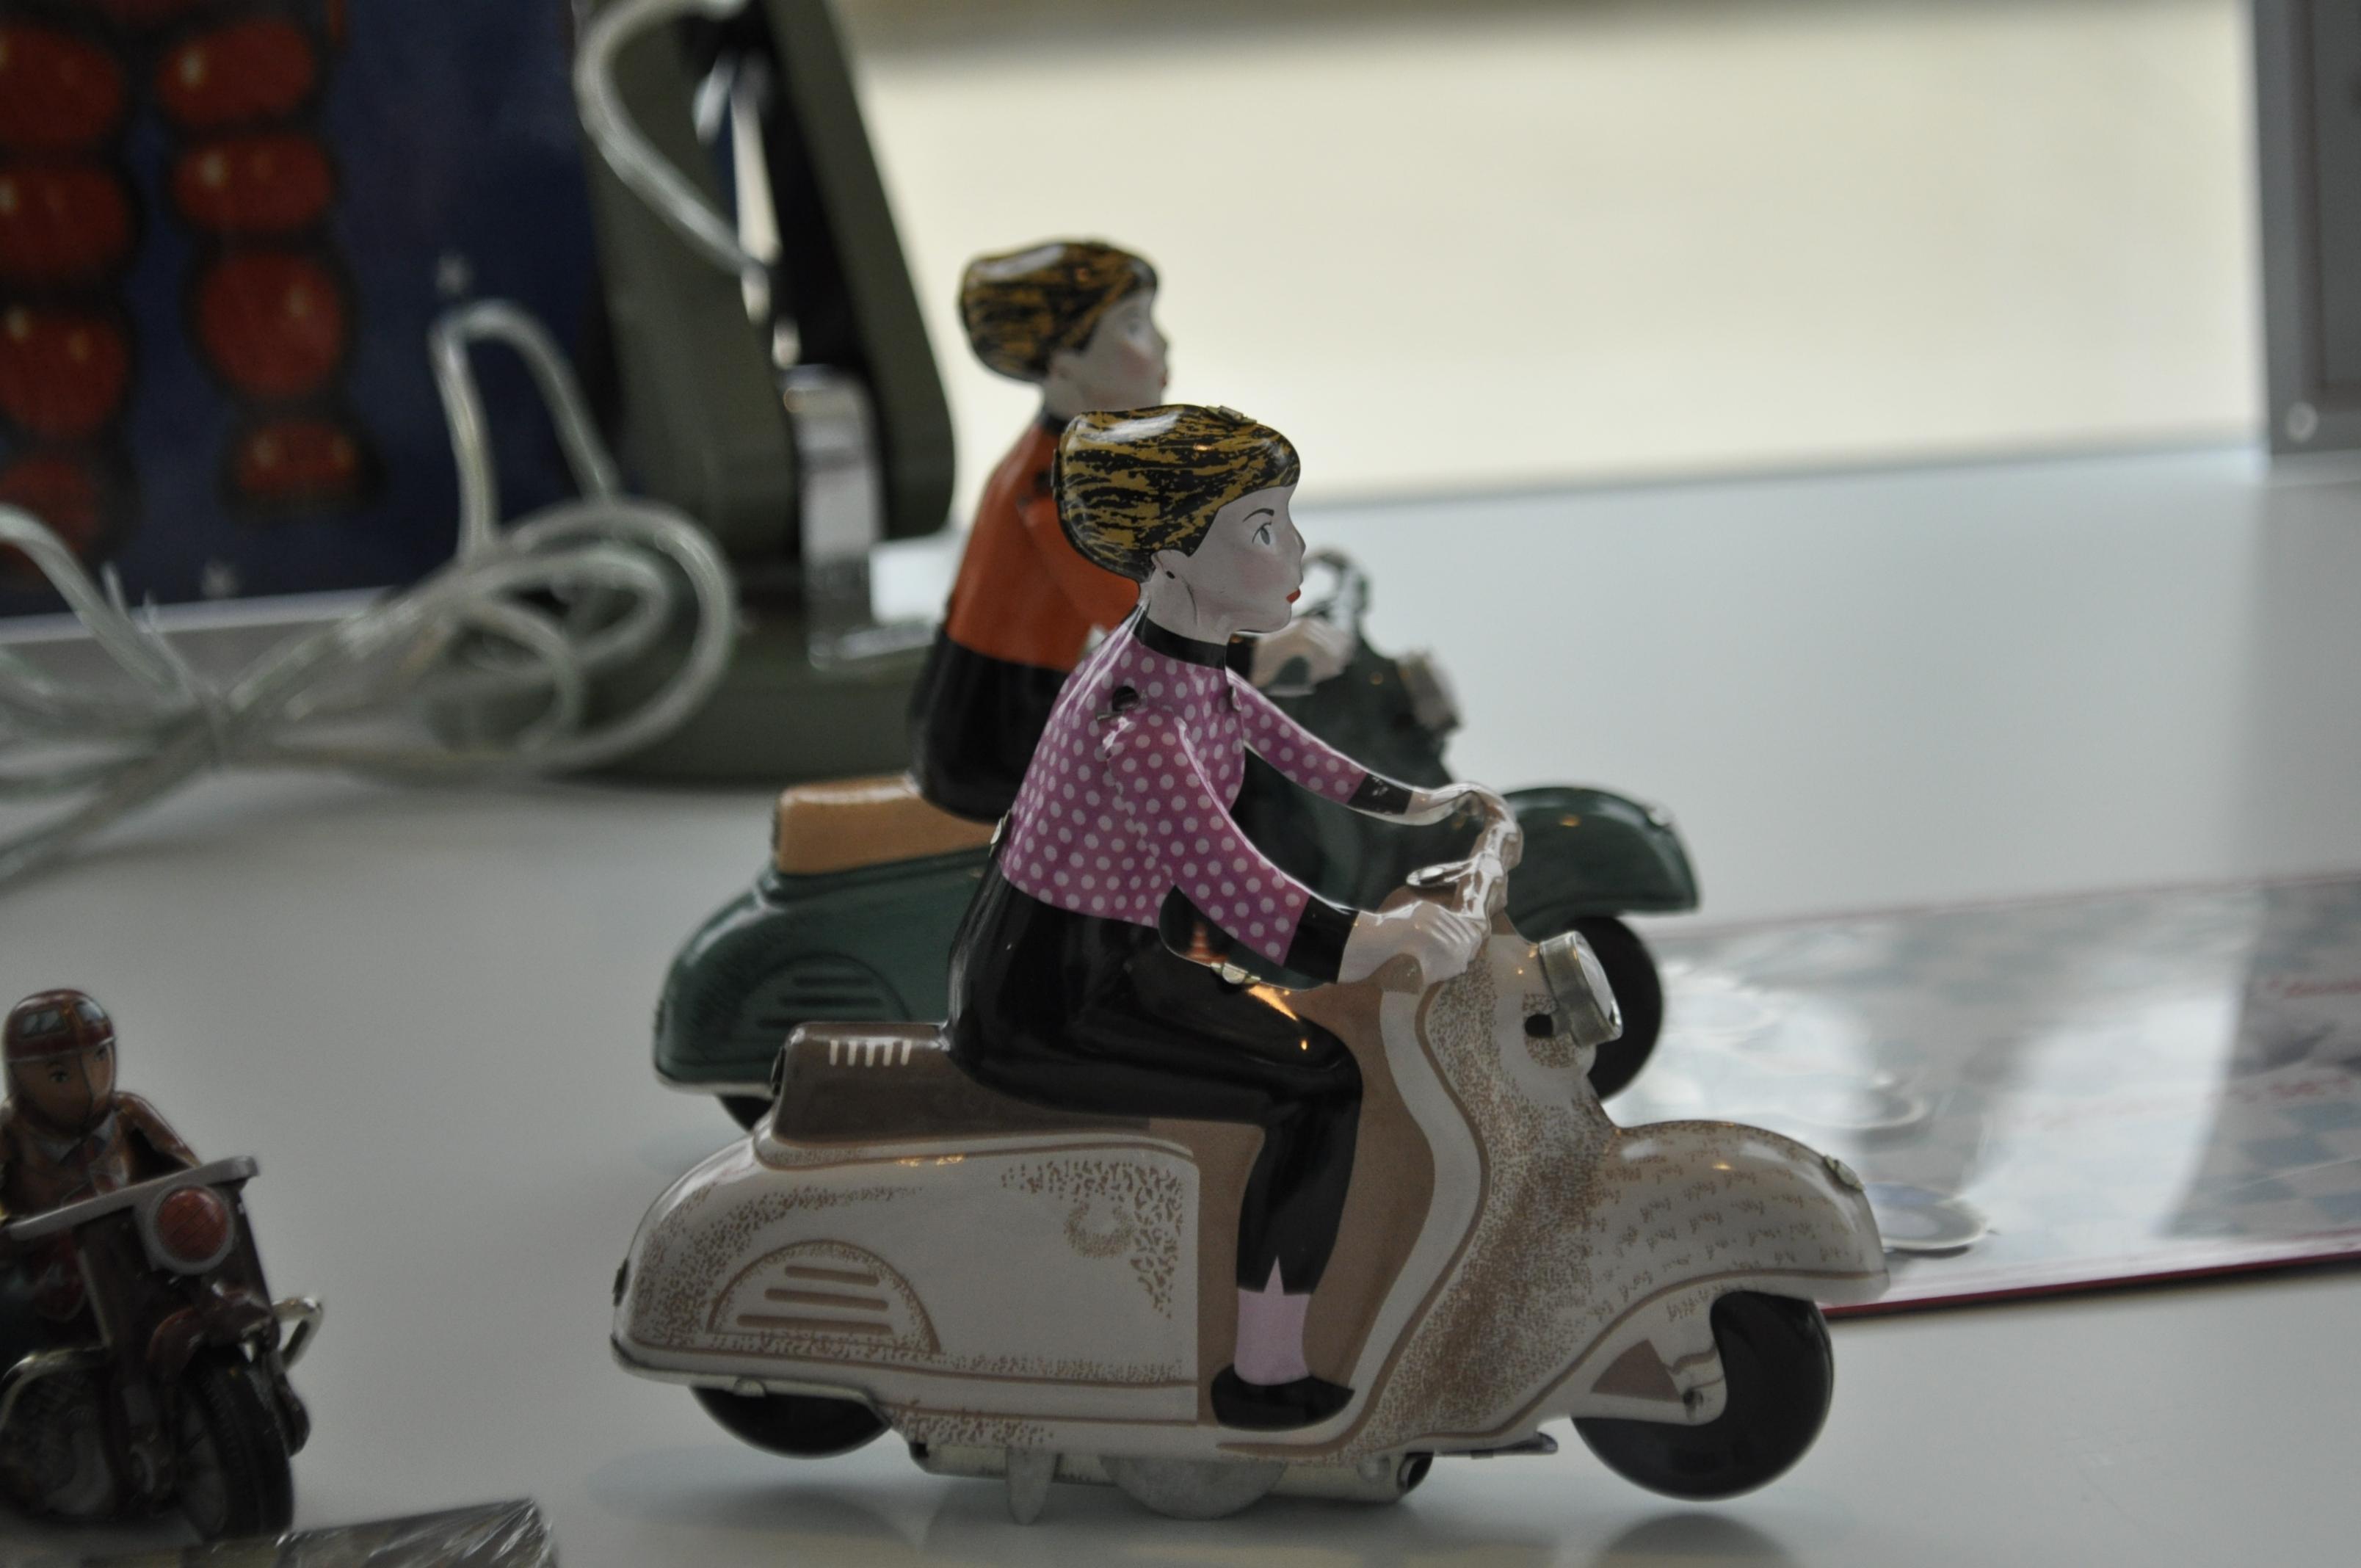 原付のスクーターで最速のものは?